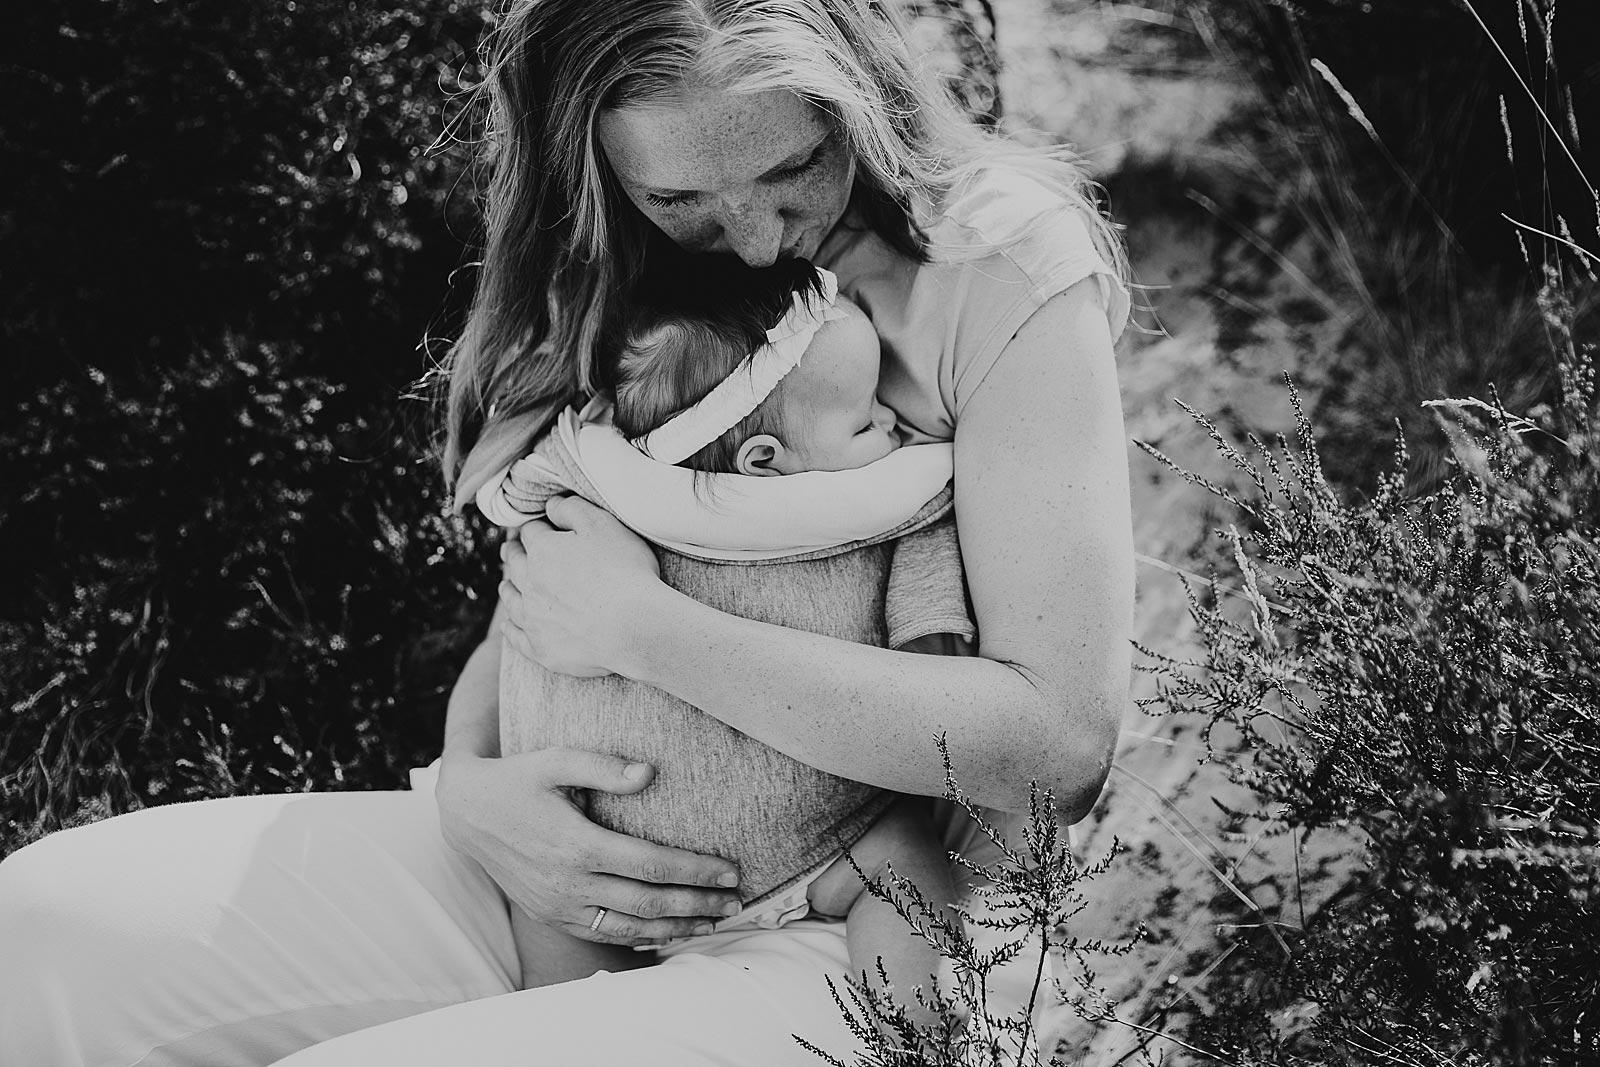 babyfotograaf-utrecht-60